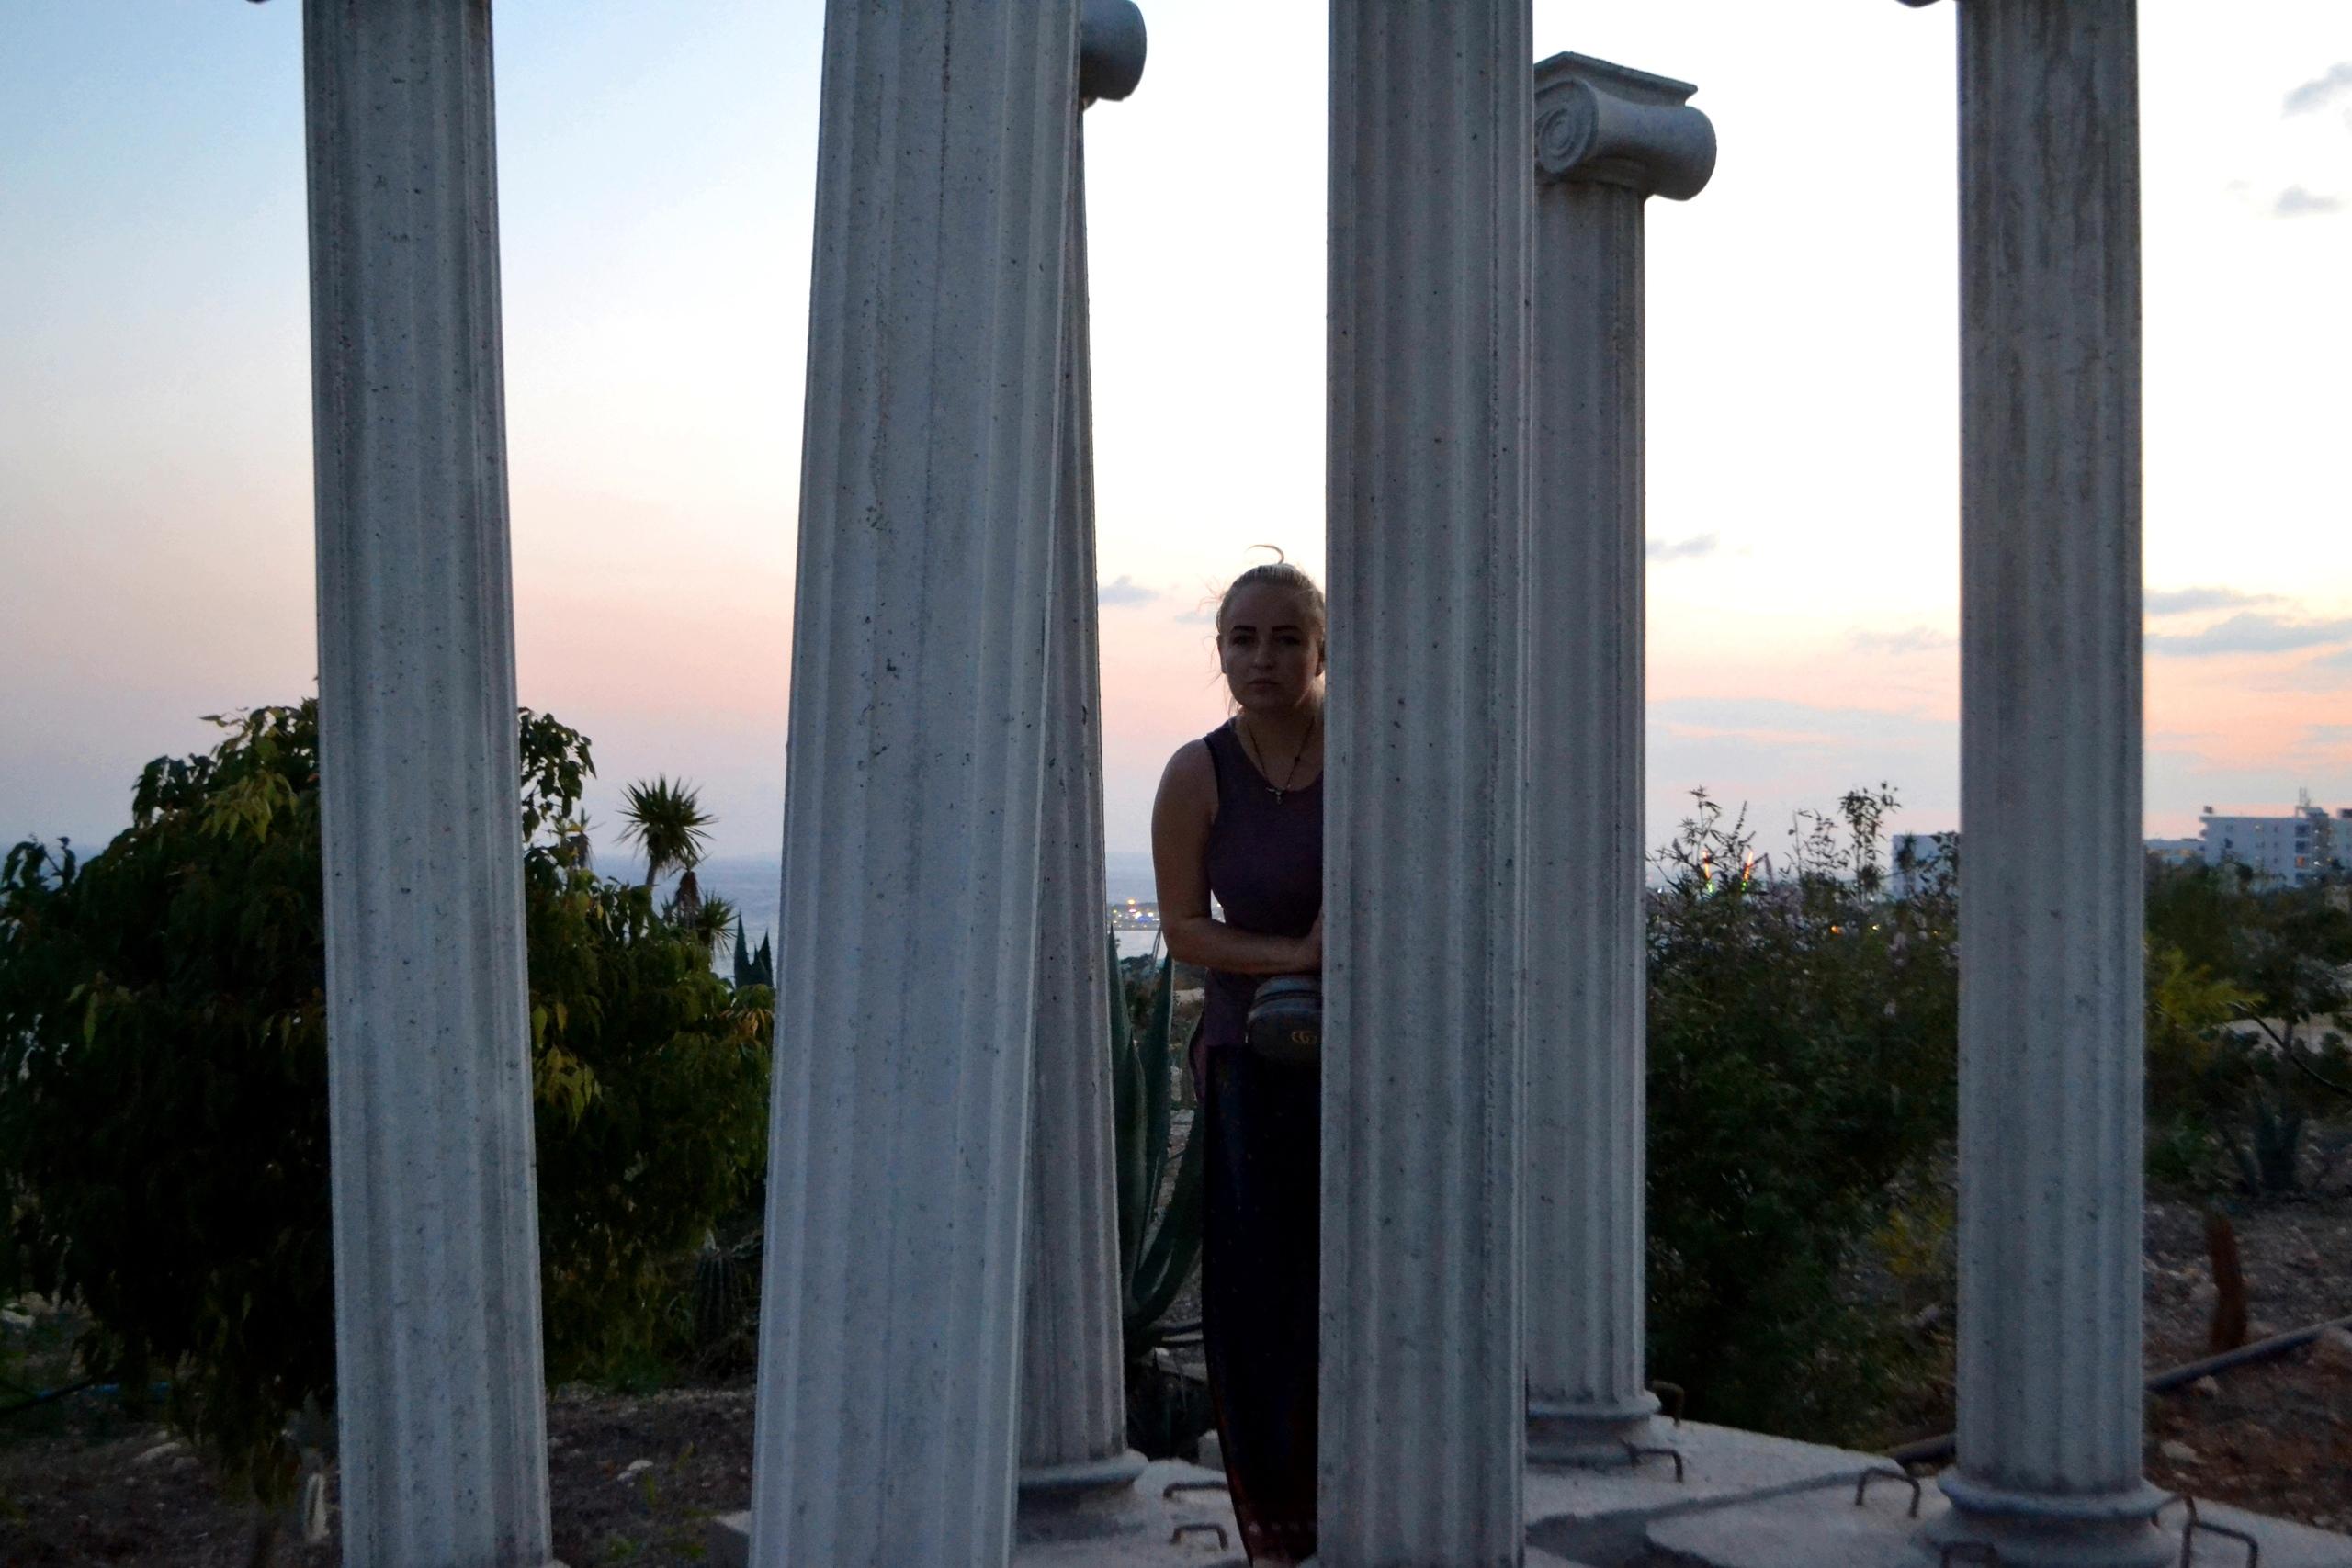 Елена Руденко (Валтея). Кипр. Парк скульптур (фото). - Страница 2 NVof_9w7hx4